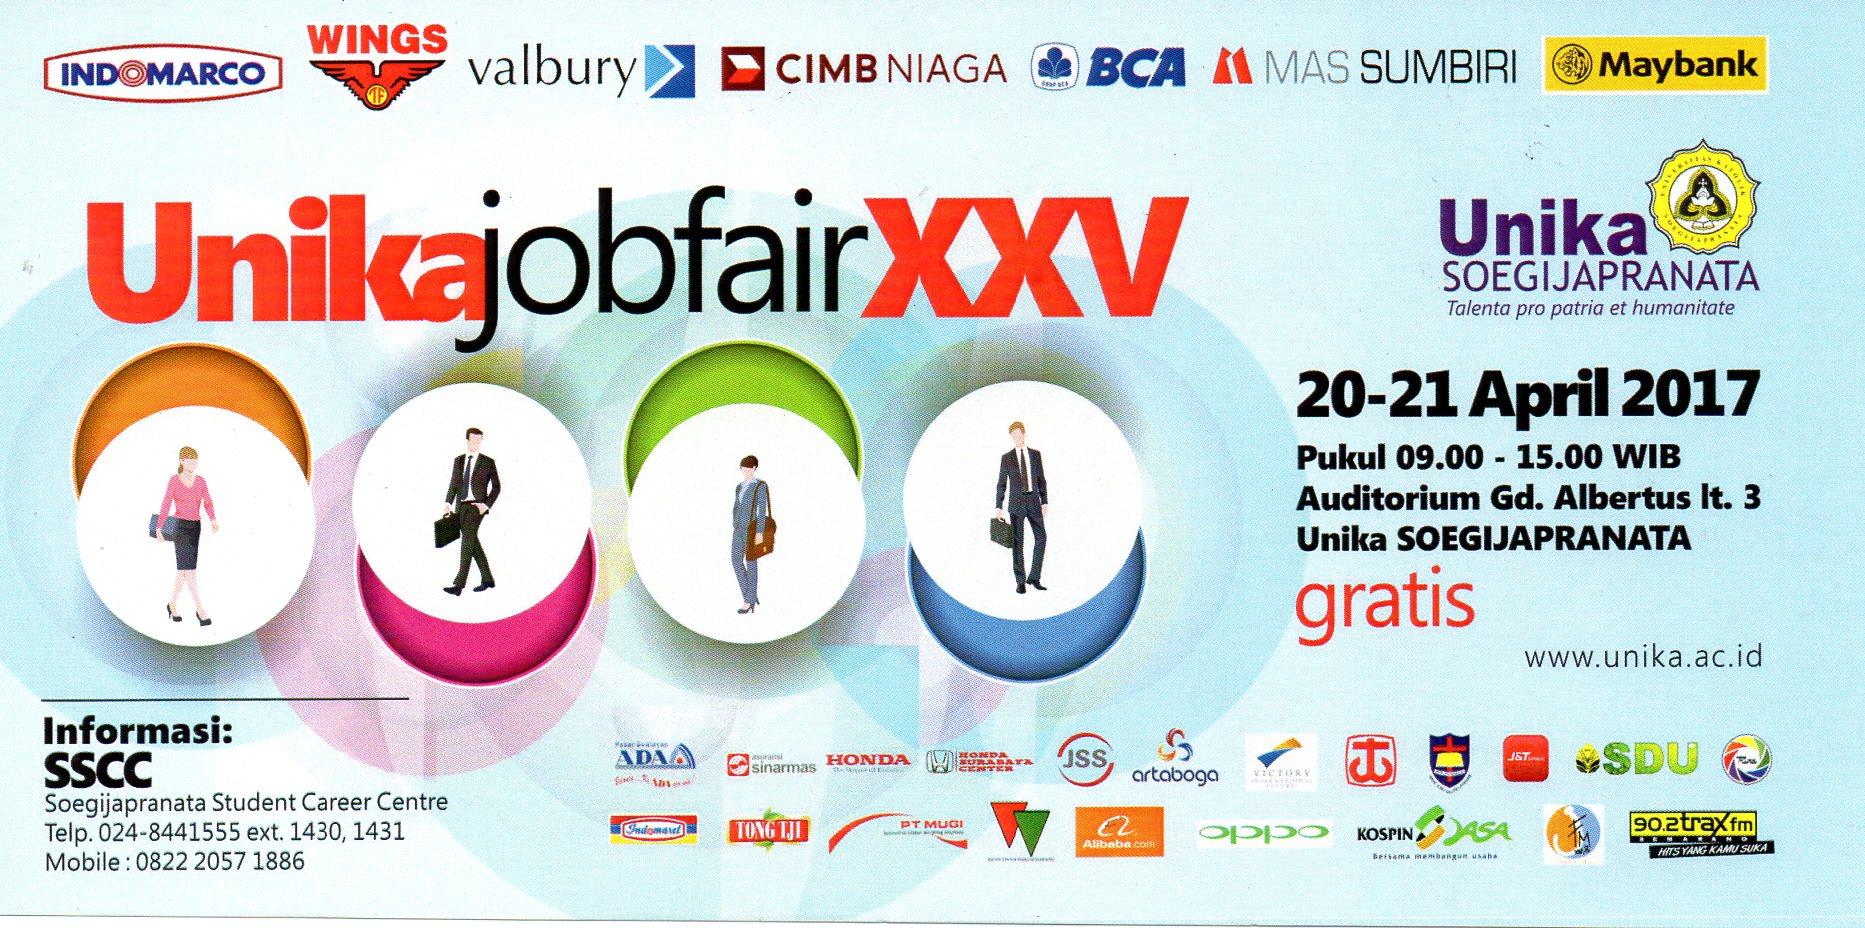 info job fair056